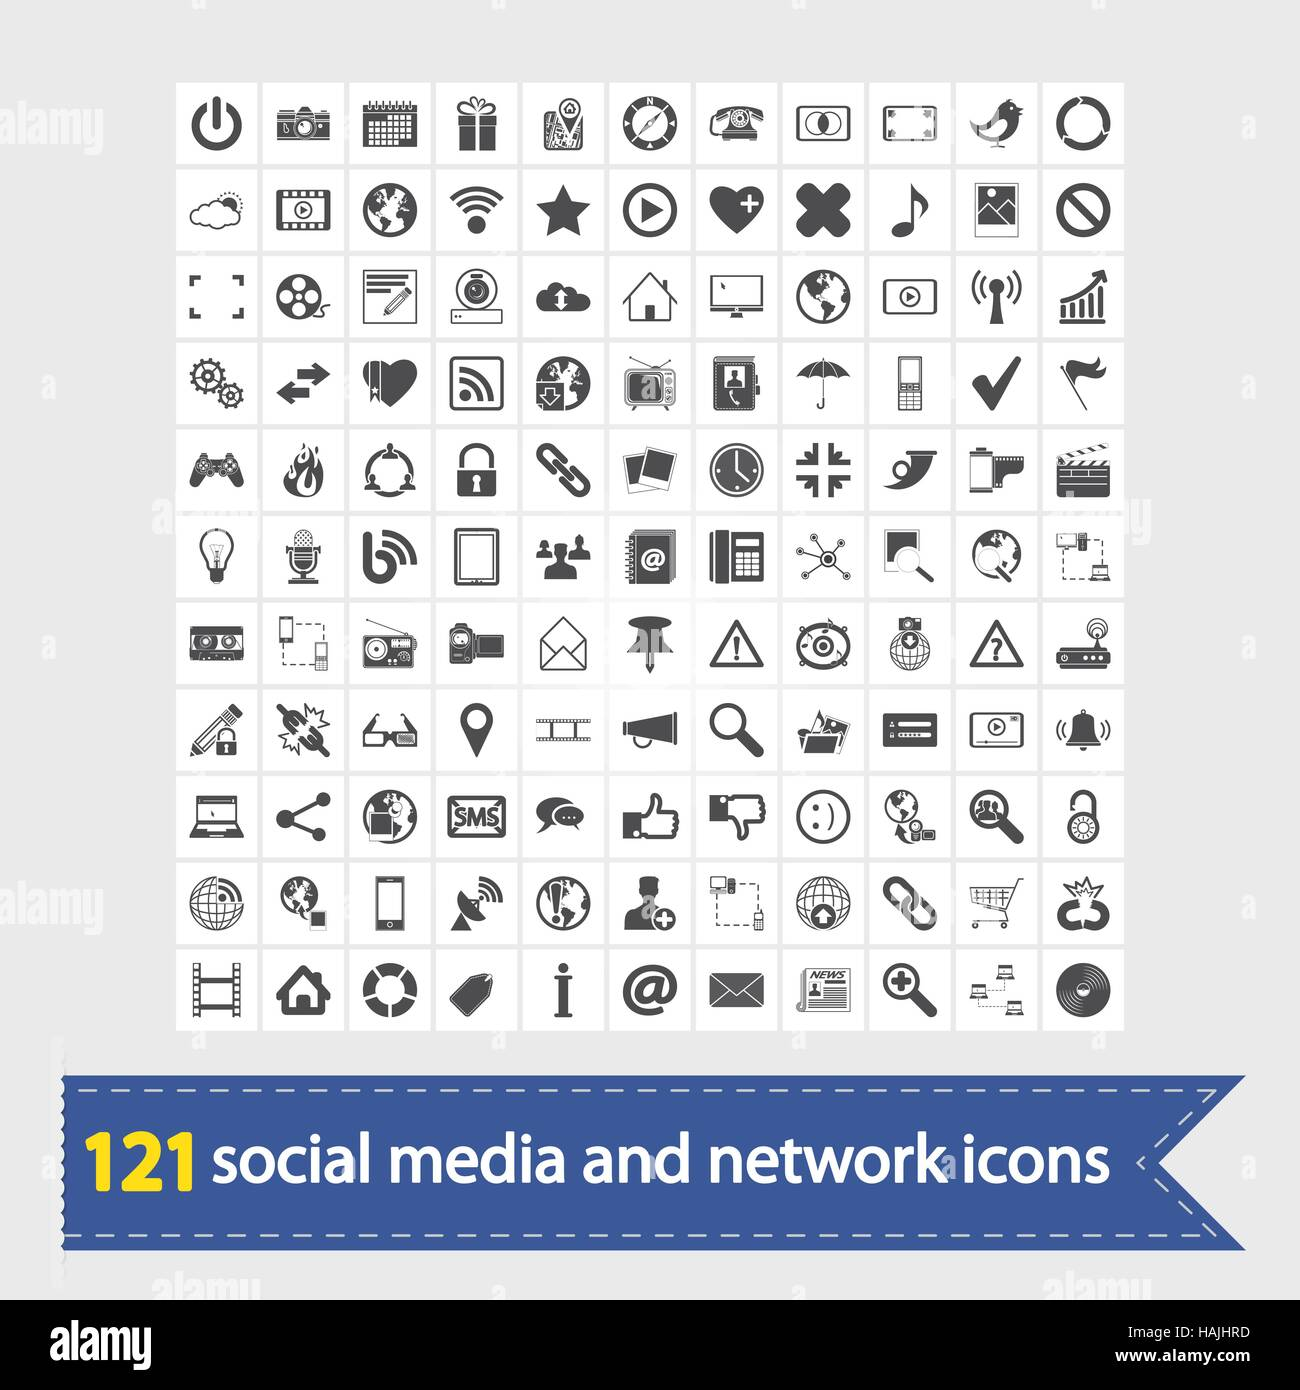 121 Los medios sociales y los iconos de red. Ilustración vectorial. Imagen De Stock